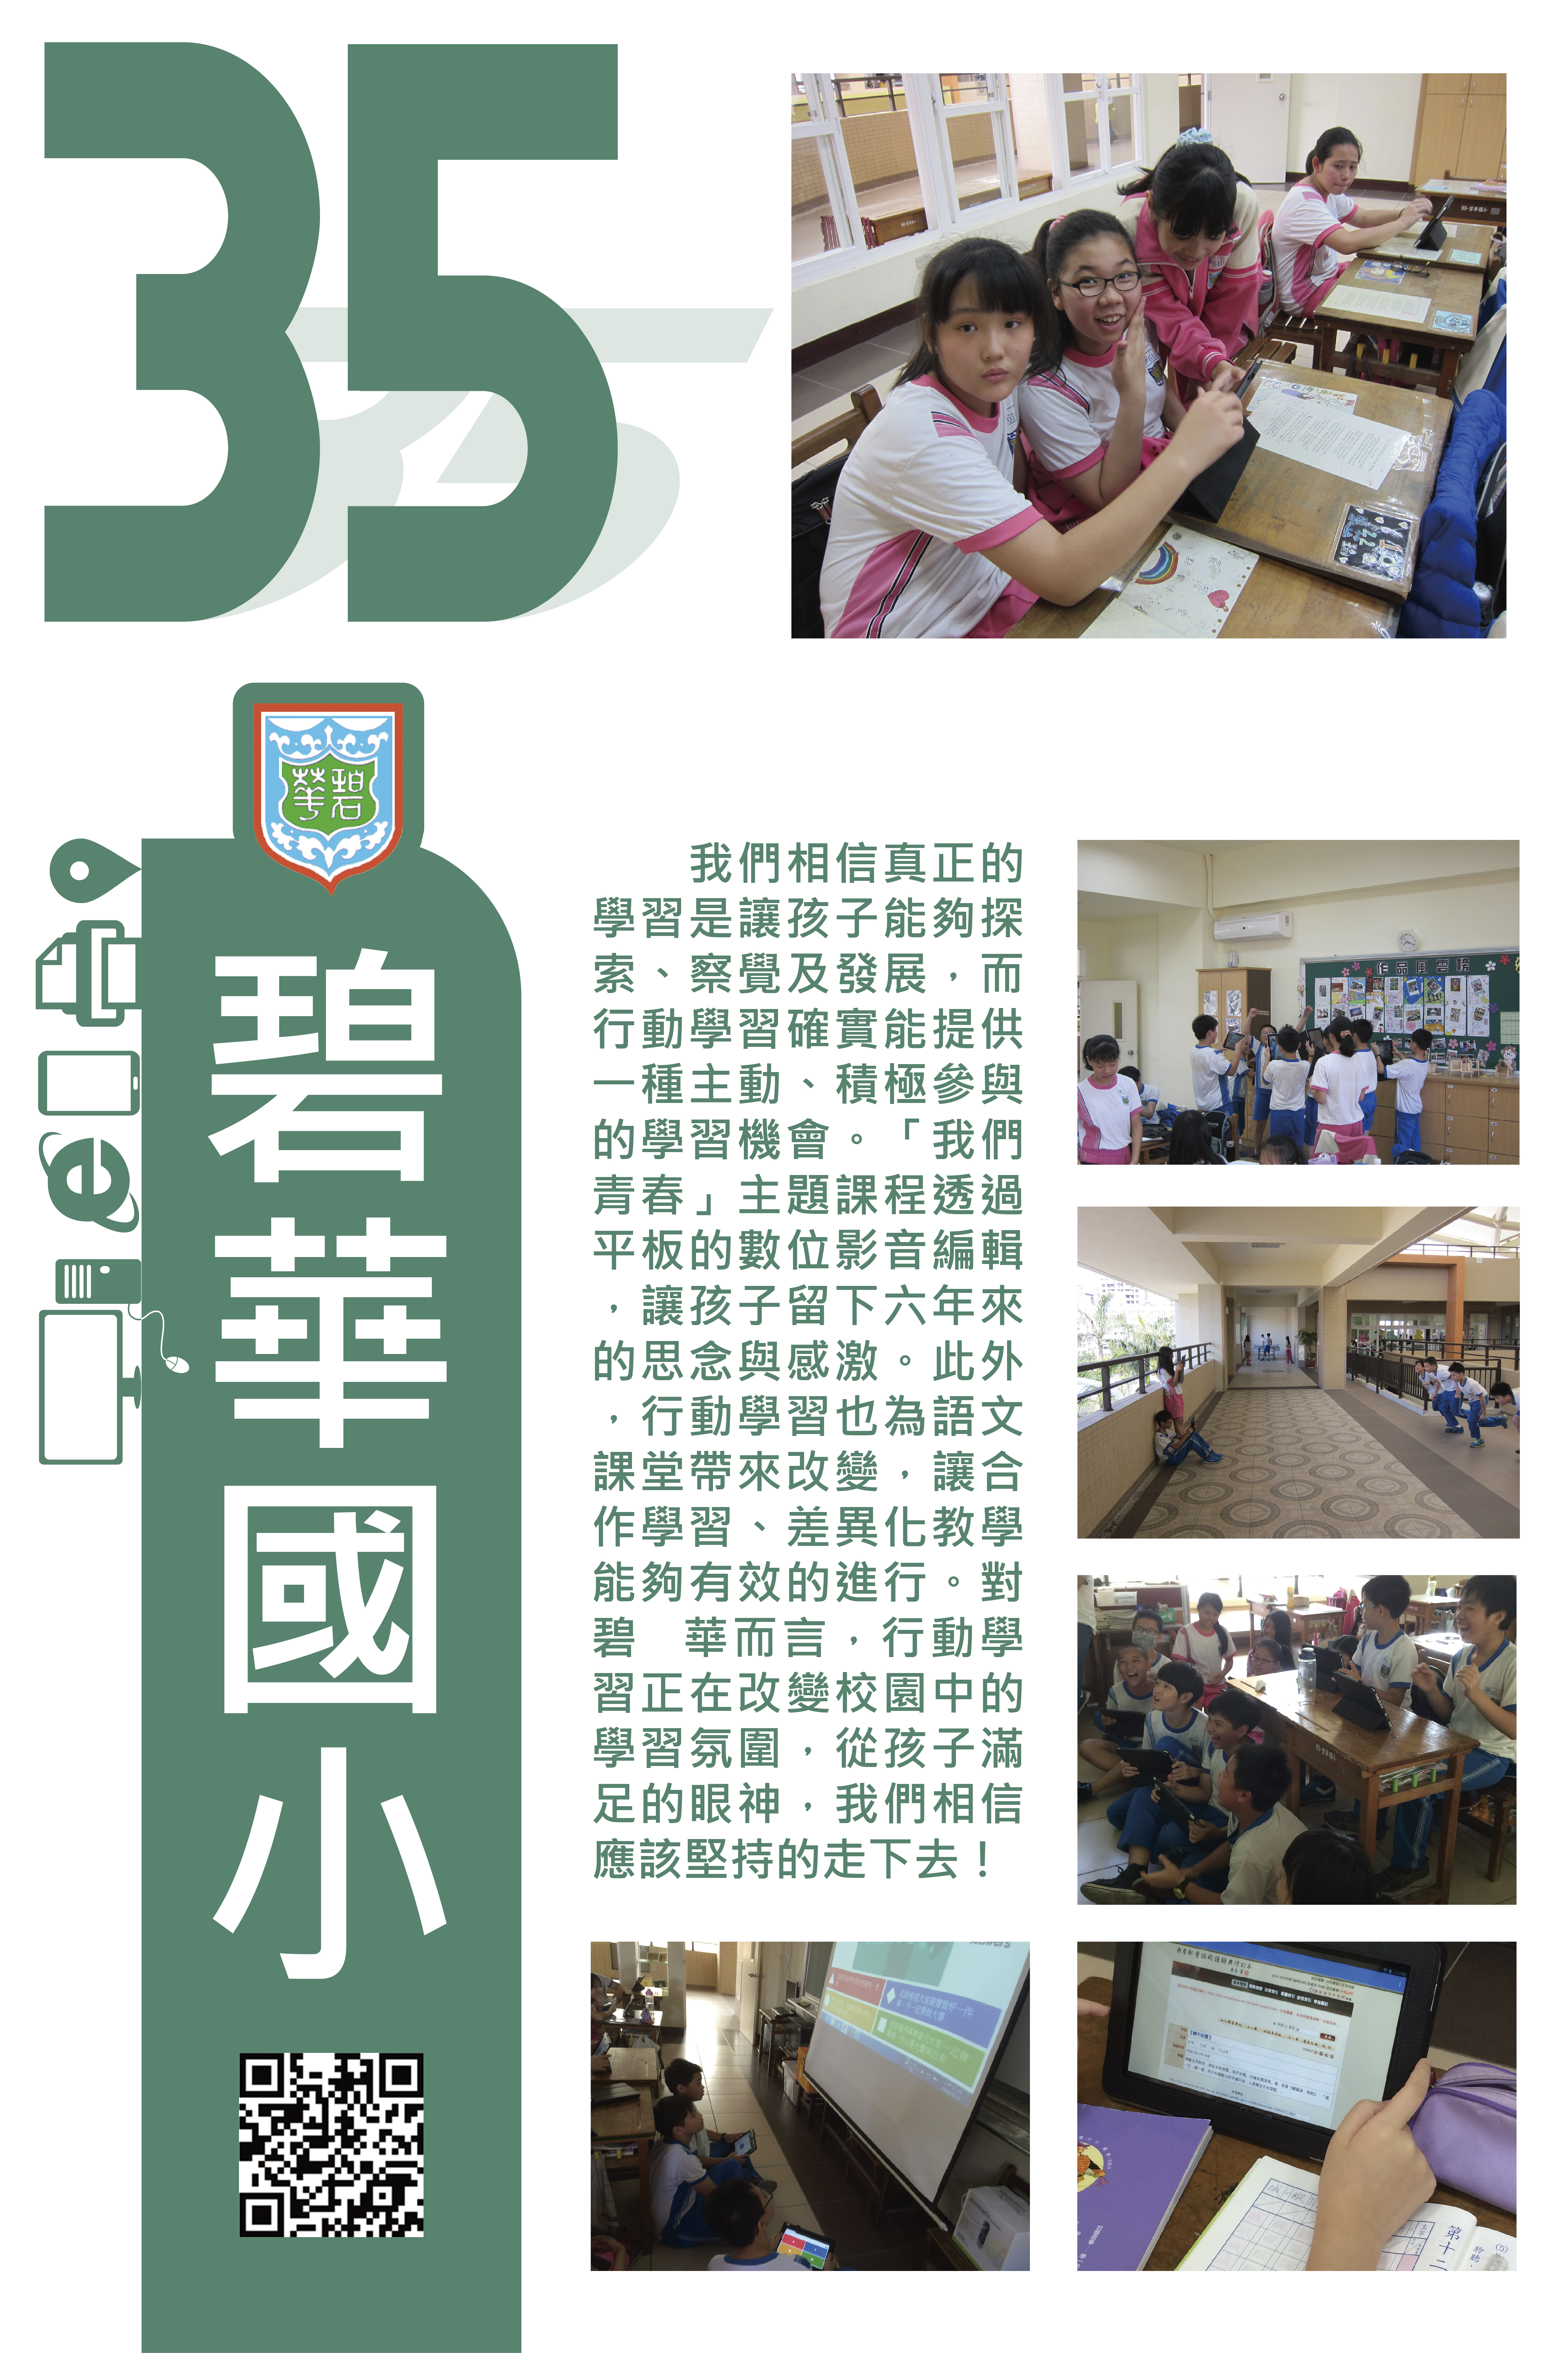 35碧華國小